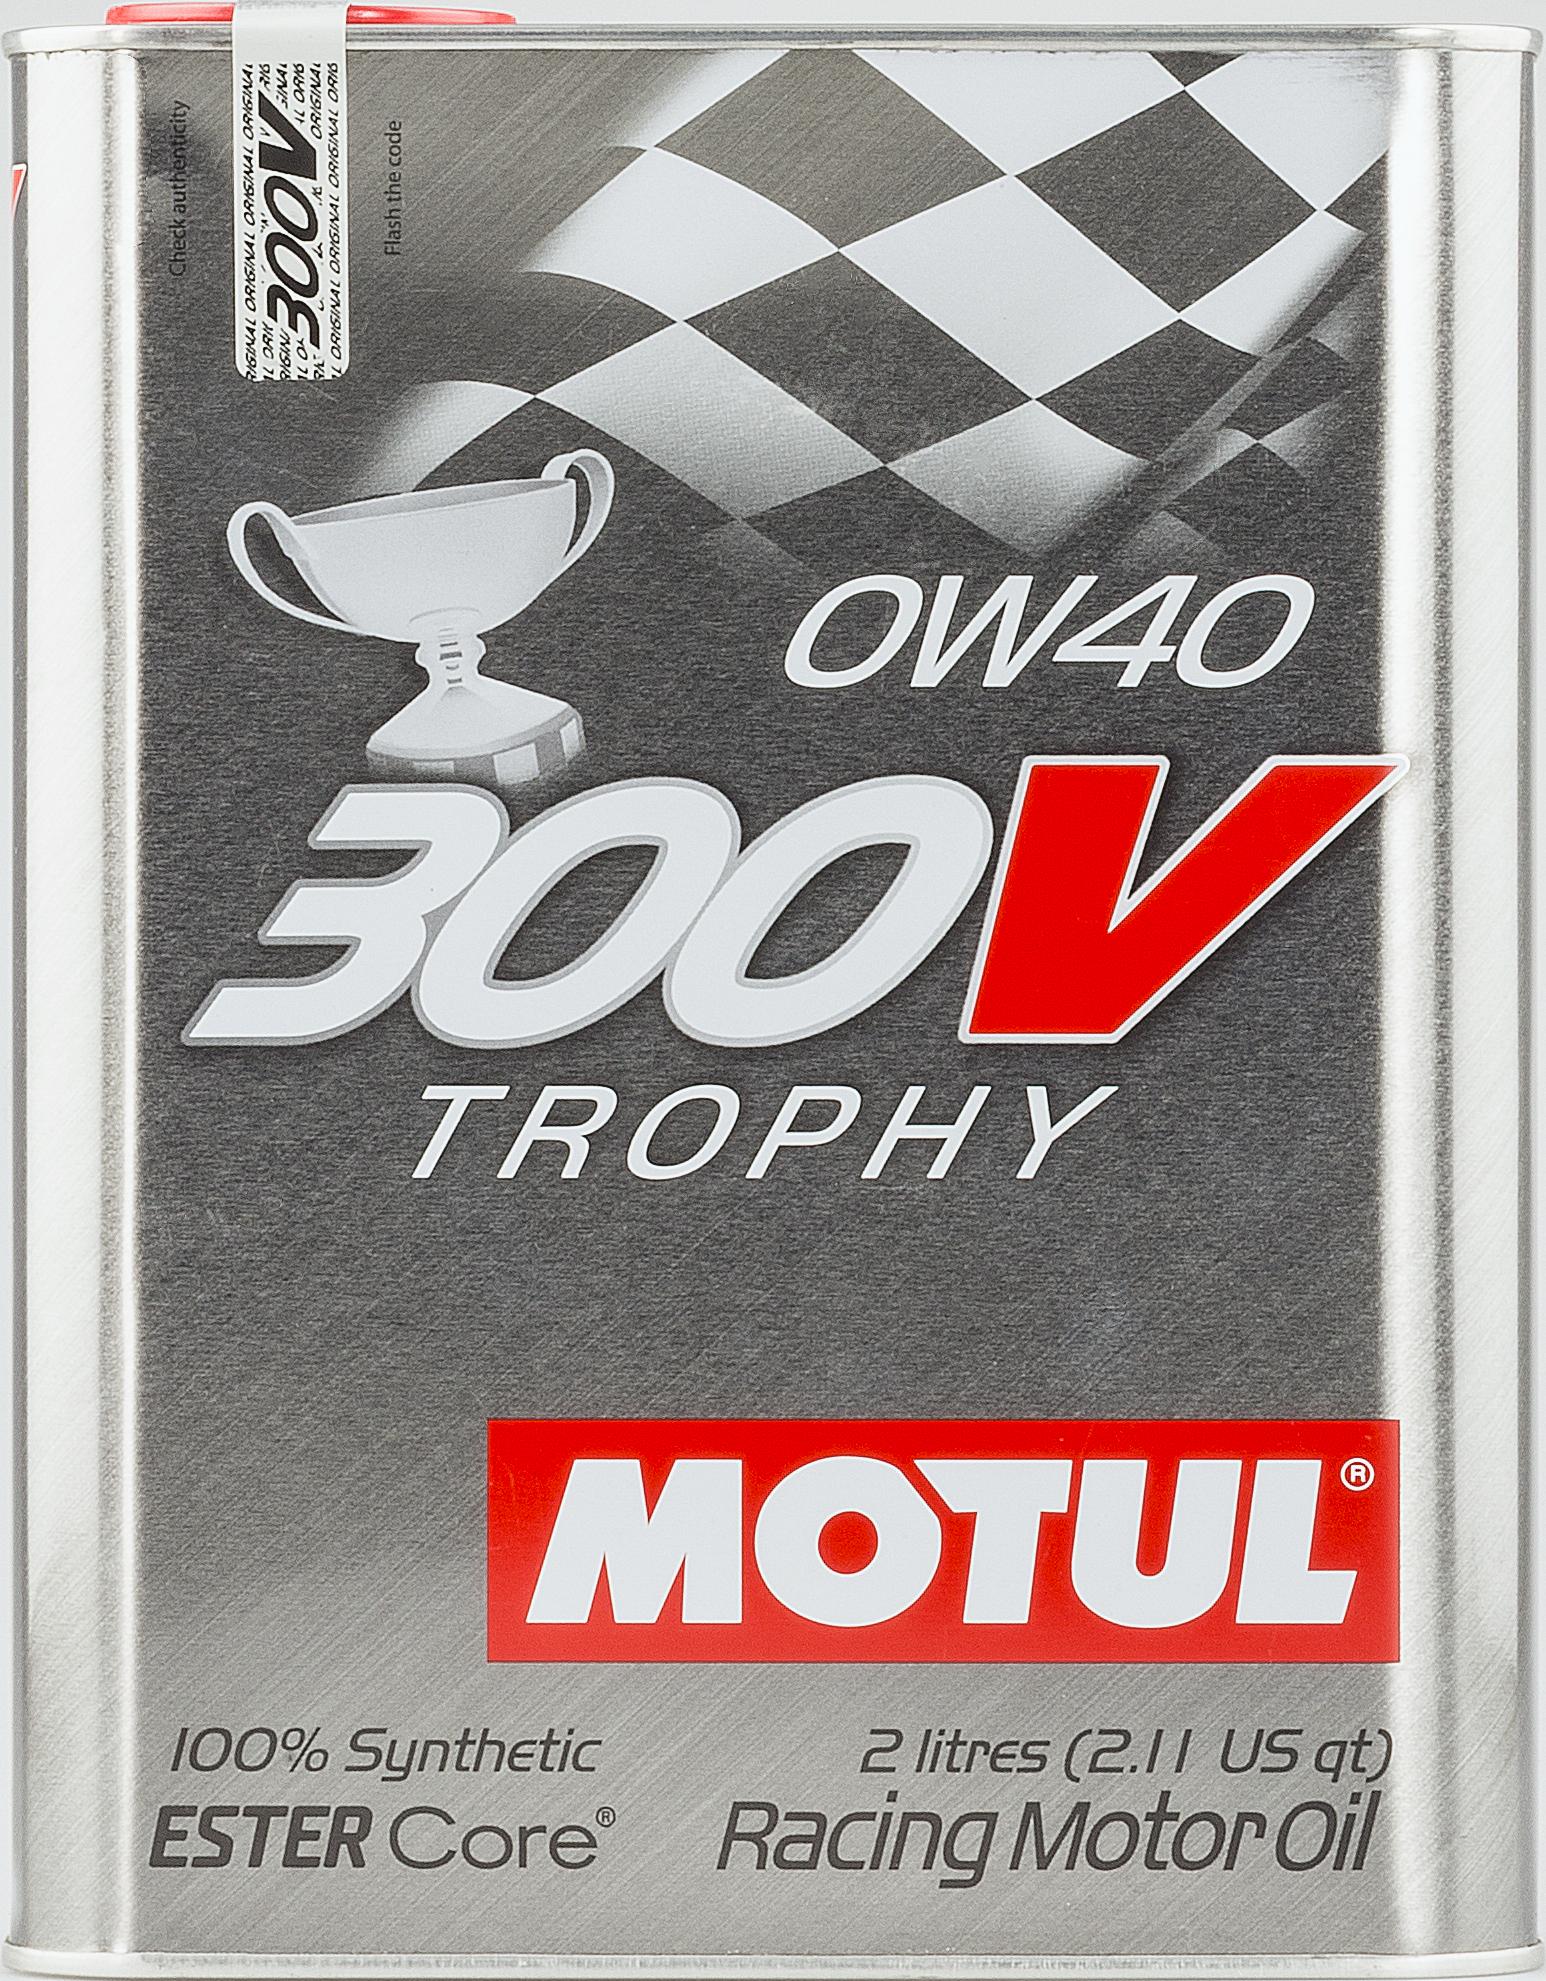 HUILE MOTEUR 300V TROPHY 0W40 2L